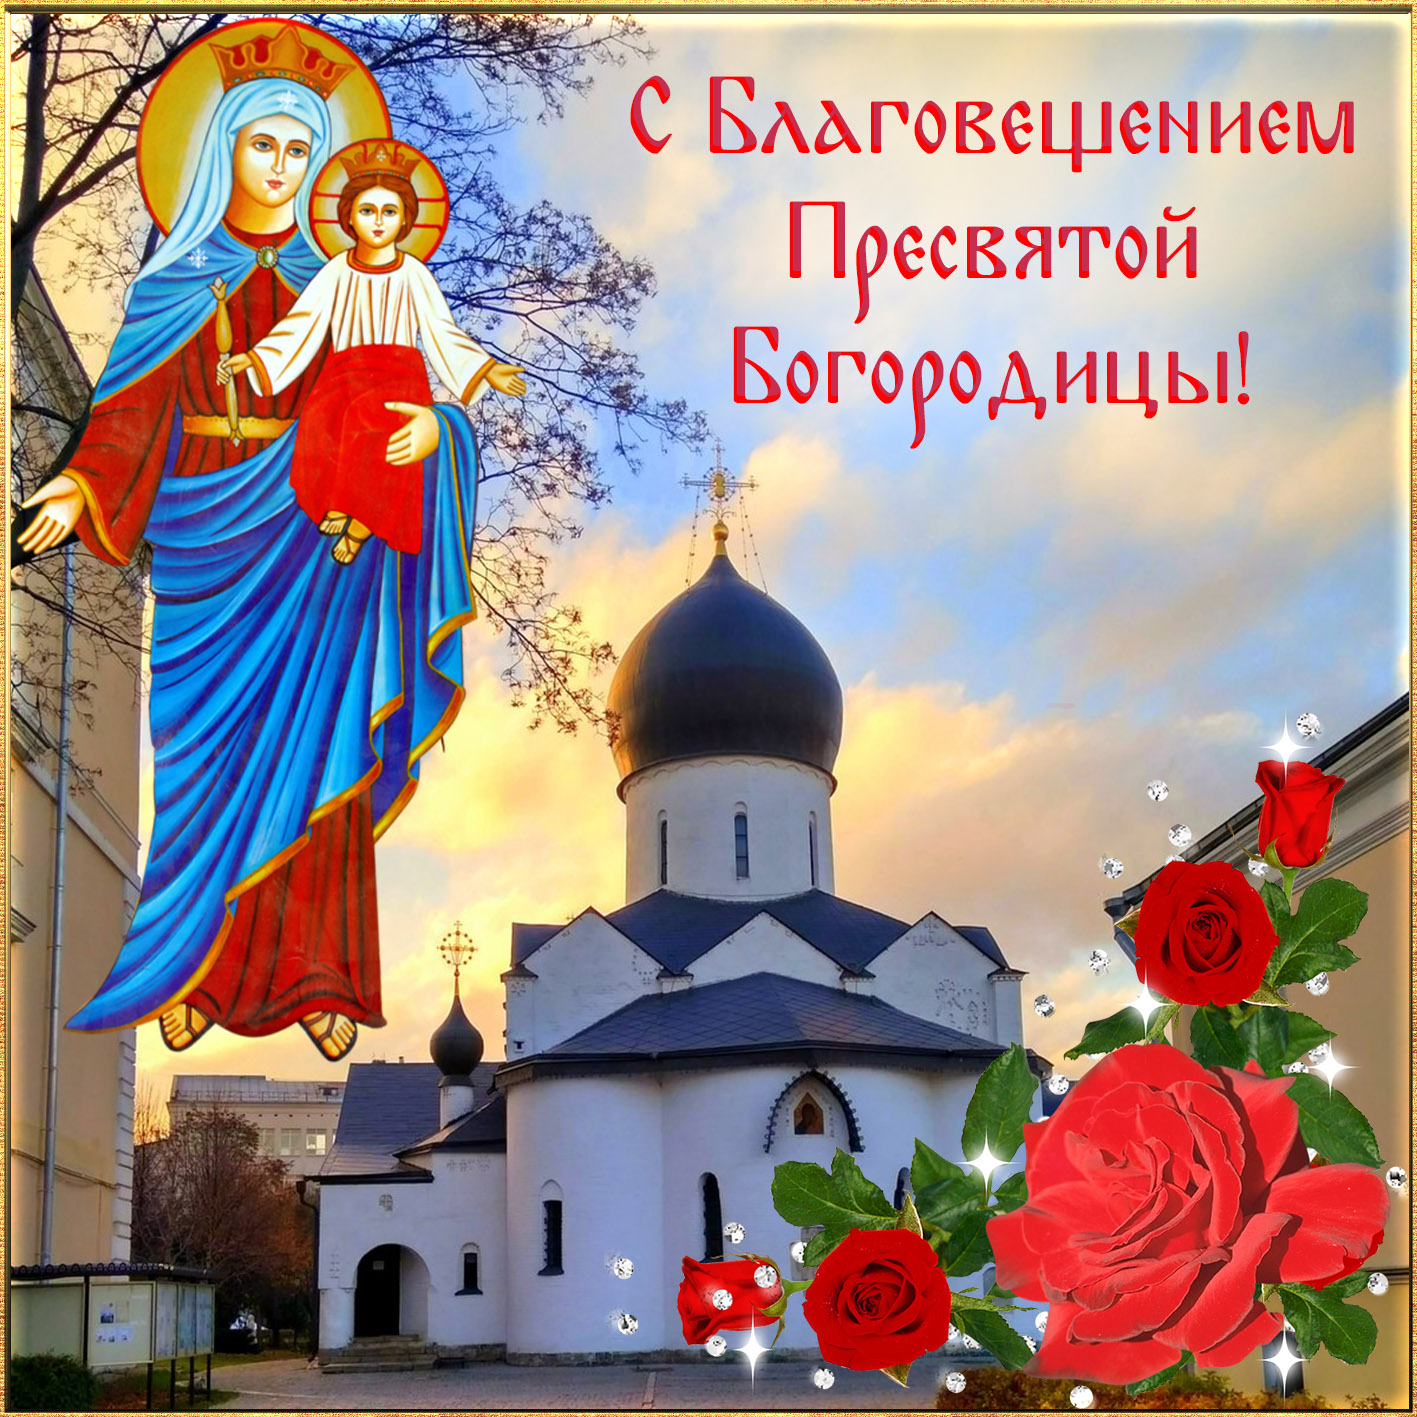 Открытка с Благовещением - икона Пресвятой Богородицы на фоне храма